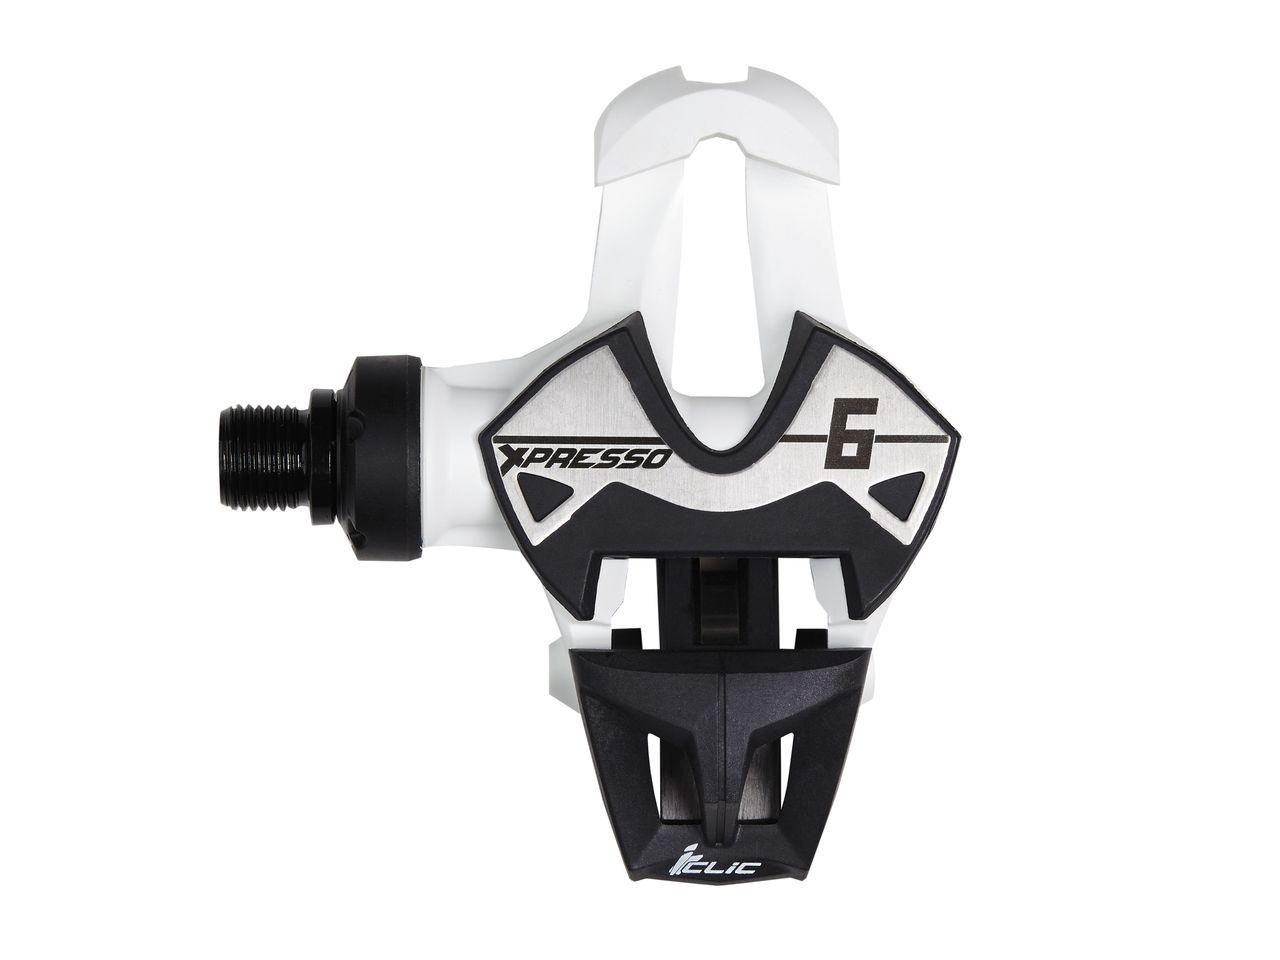 Pédales Time Xpresso 6 (Carboflex Blade & Iclic) Blanc/Noir